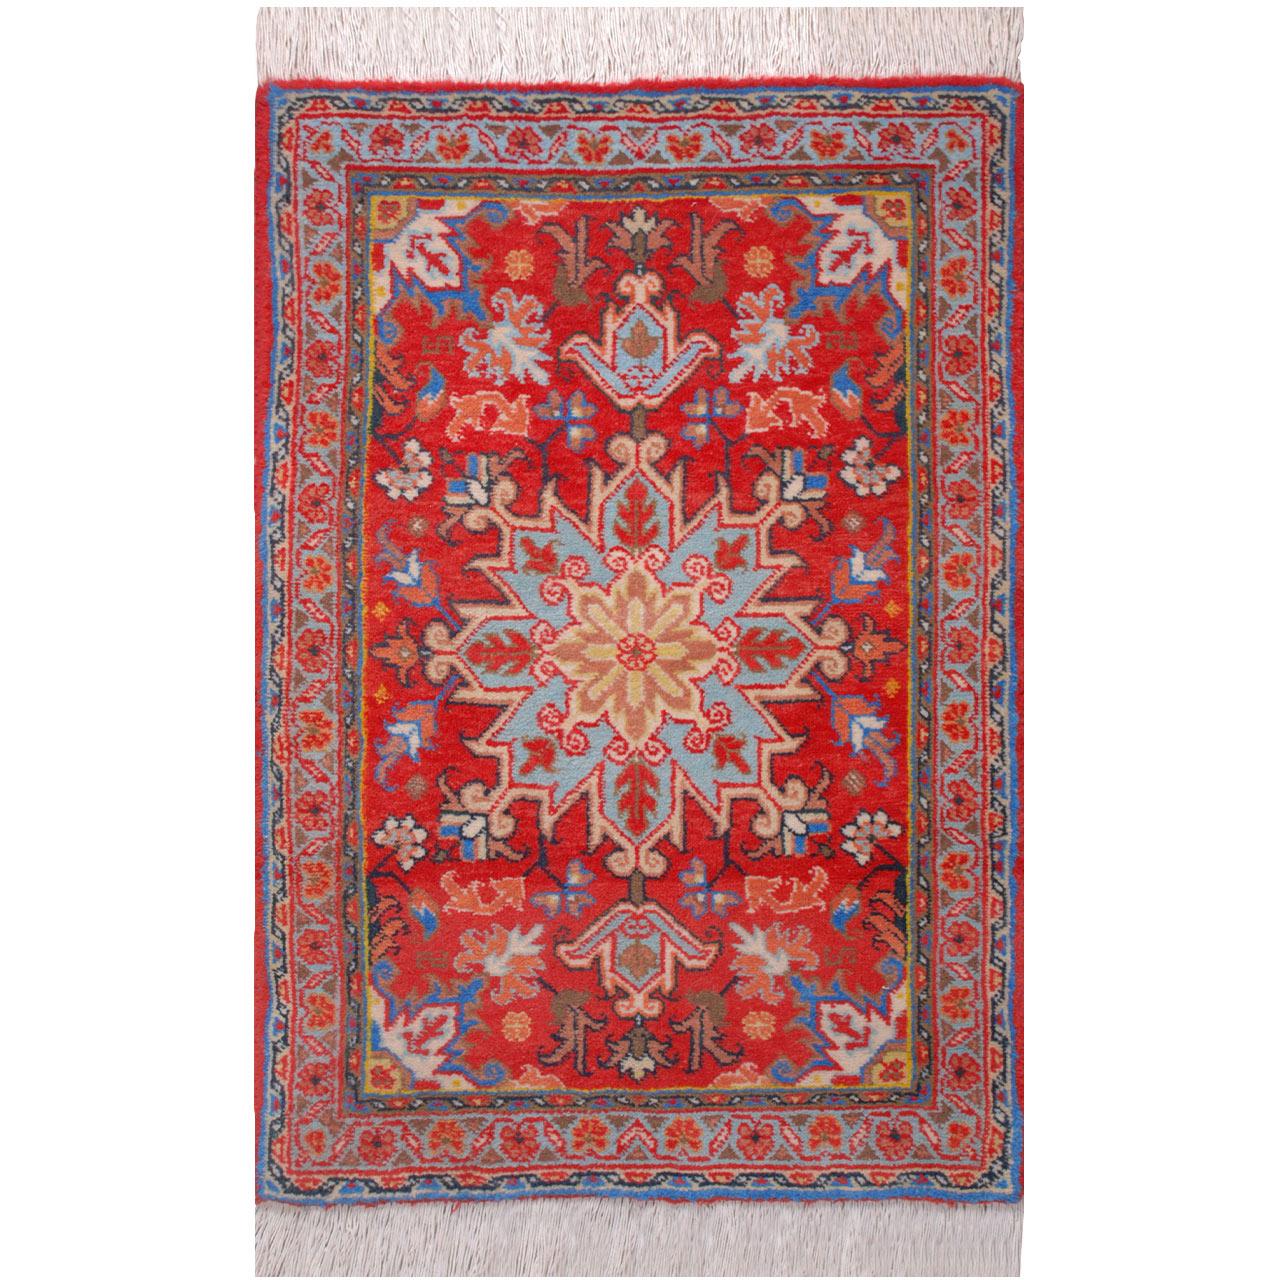 فرش دستبافت یک متری فرش هریس کد 101624